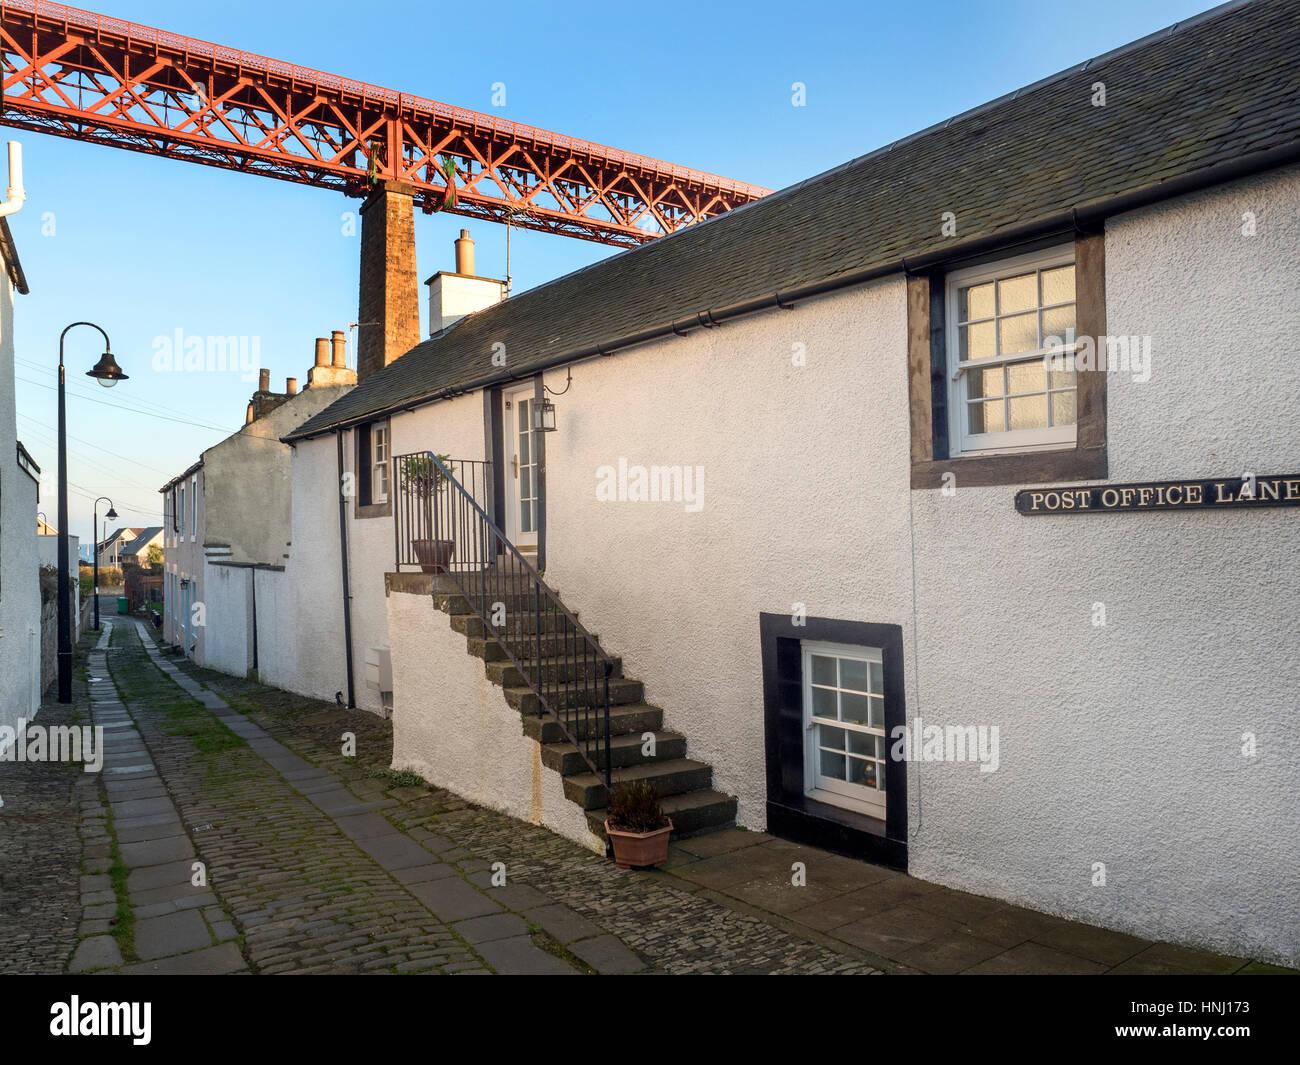 El Forth Bridge se cierne sobre una senda tranquila en North Queensferry Fife Escocia Imagen De Stock